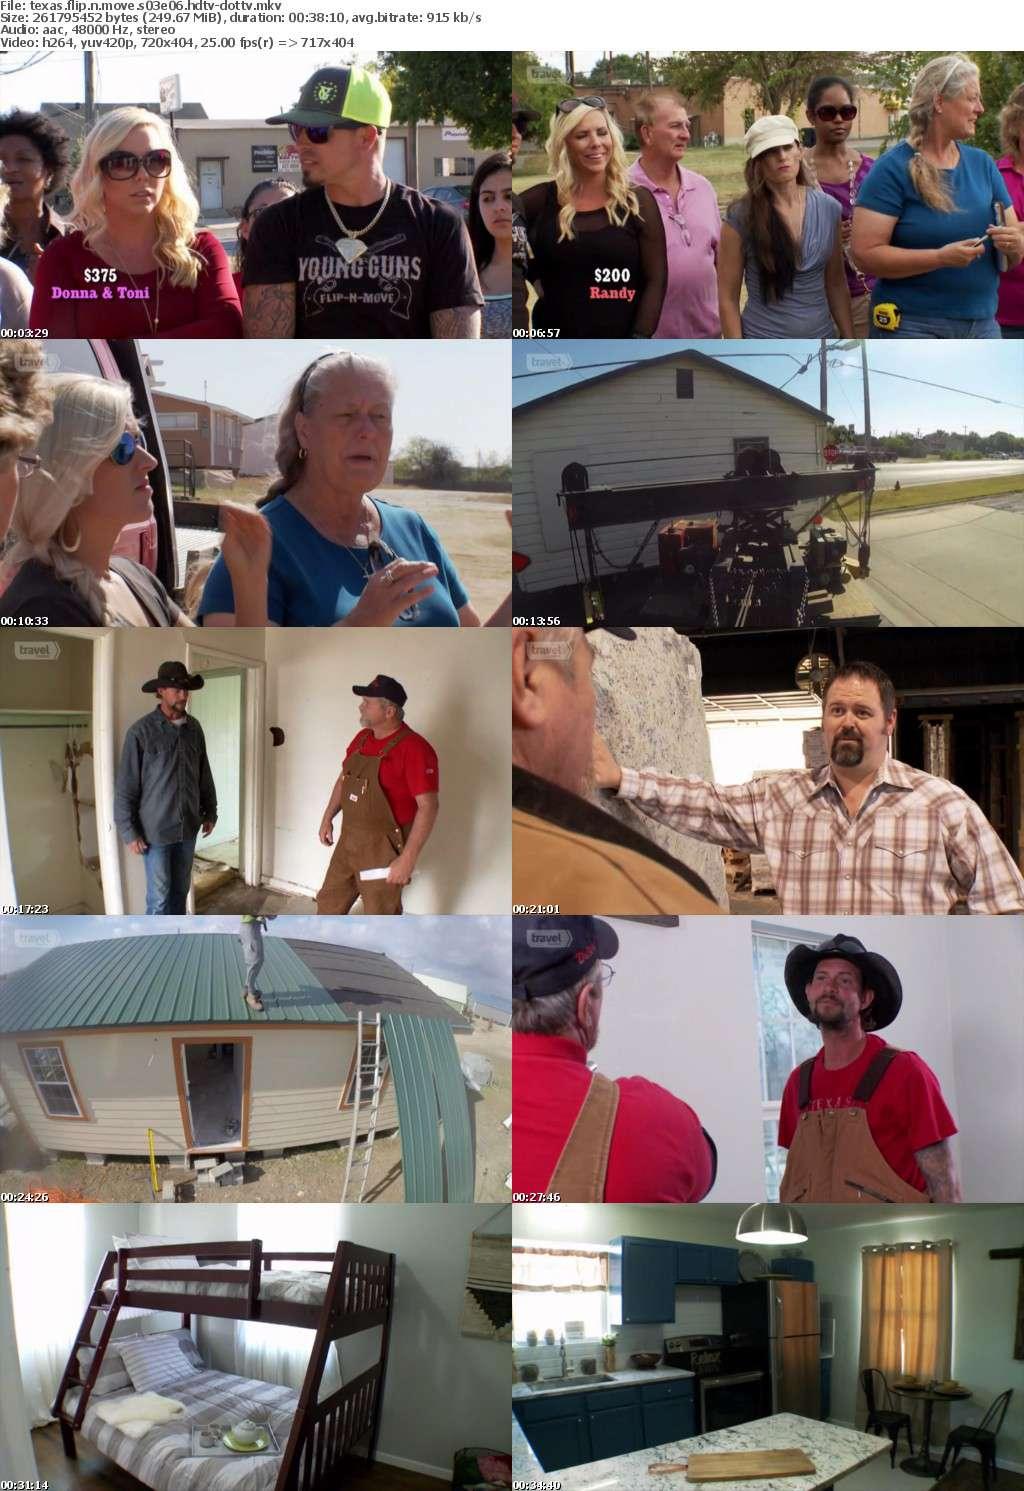 Texas Flip N Move S03E06 HDTV x264-dotTV